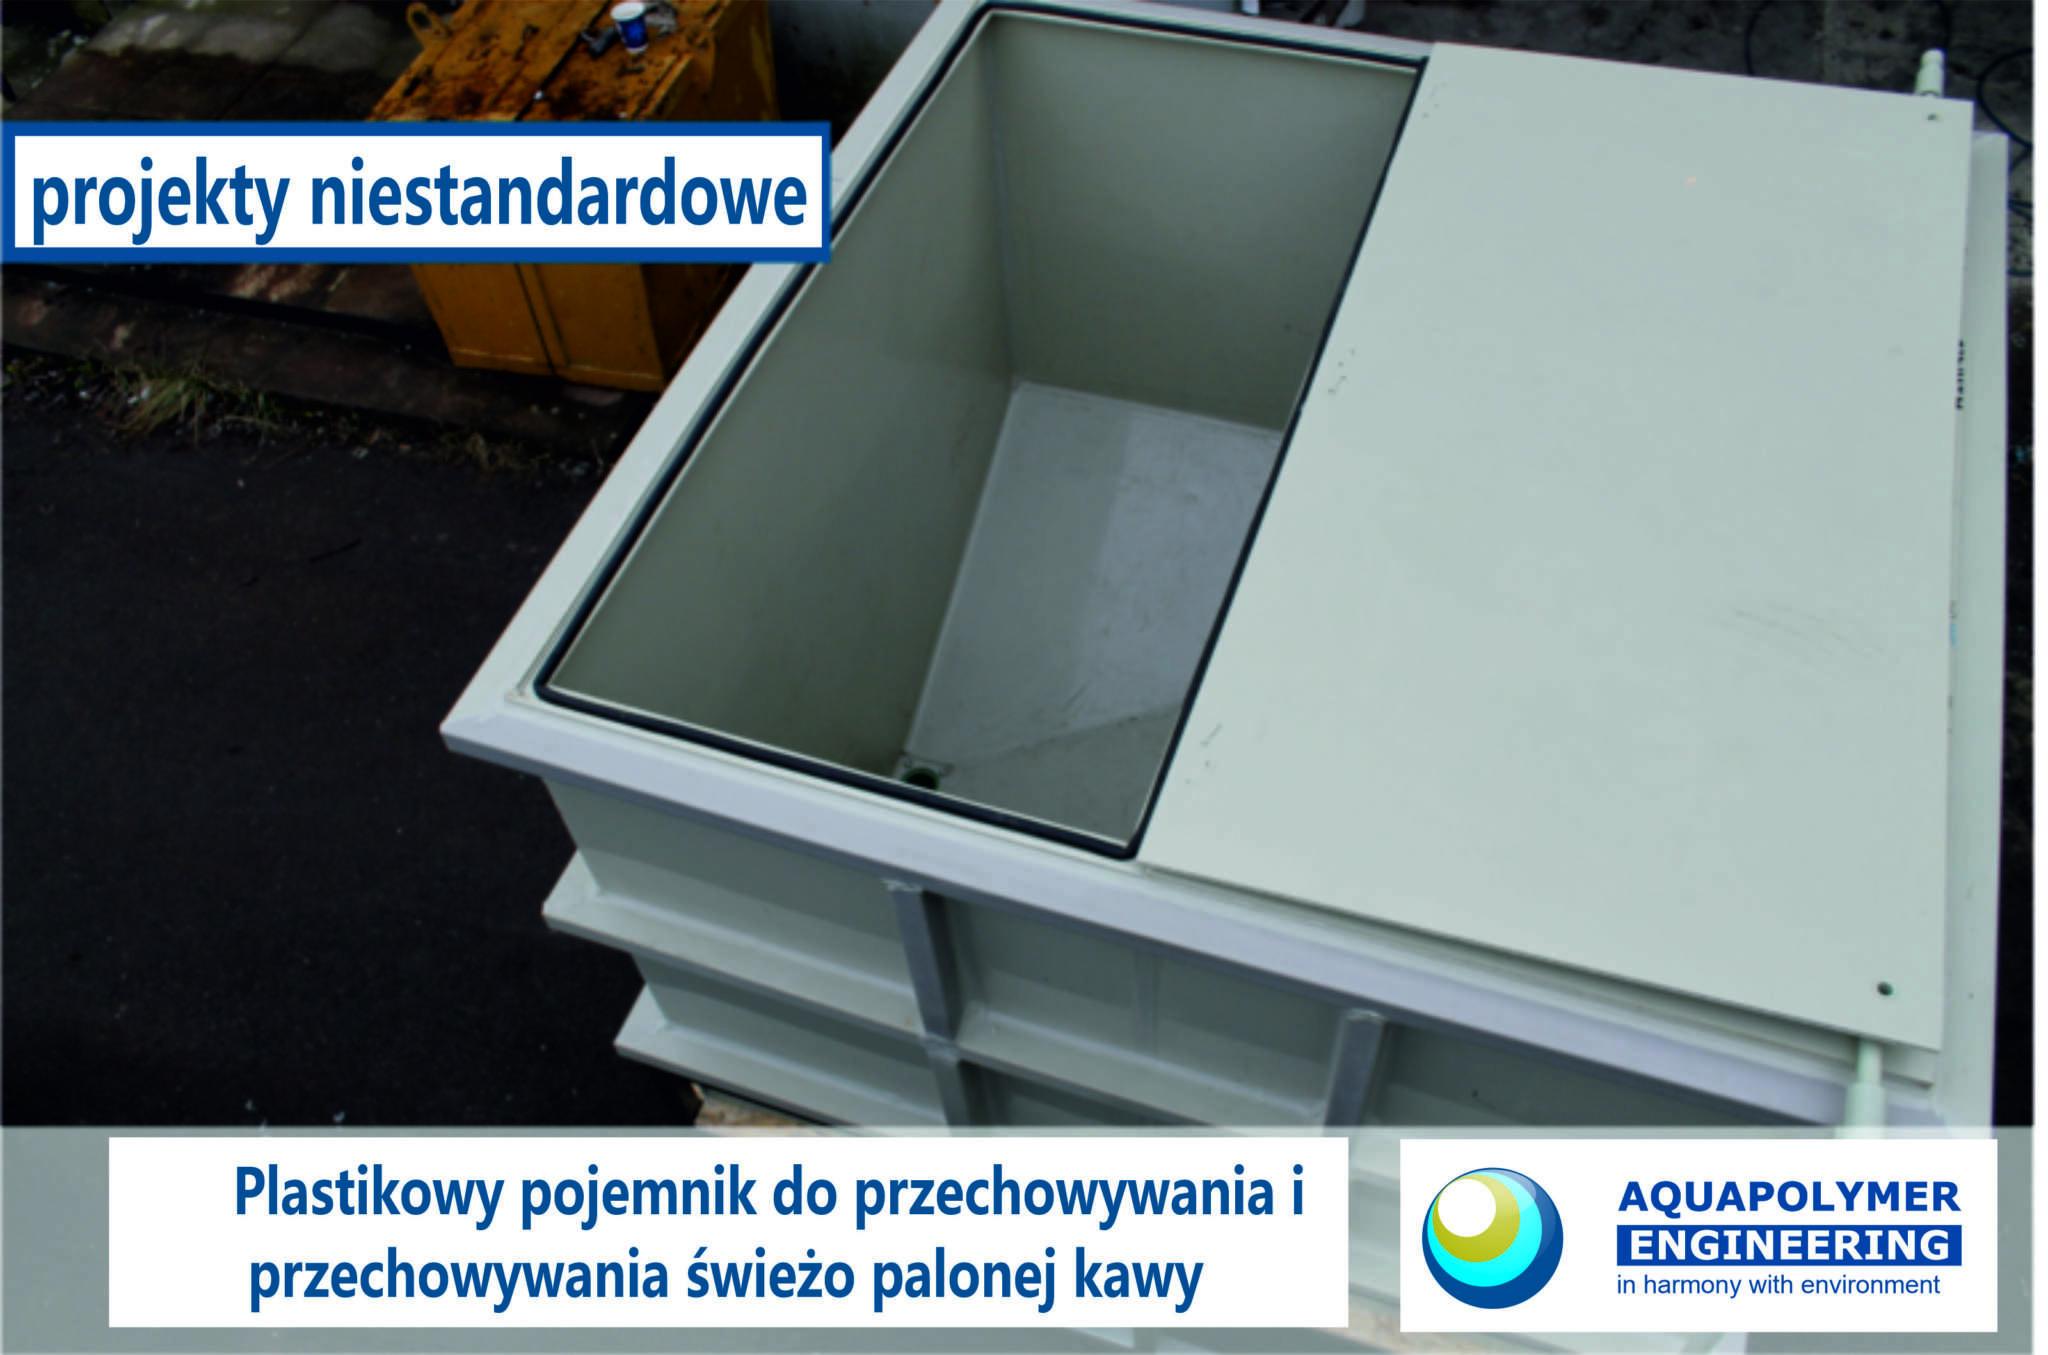 Pojemnik plastikowy, pojemnik polipropylenowy, pojemnik do przechowywania kawy.